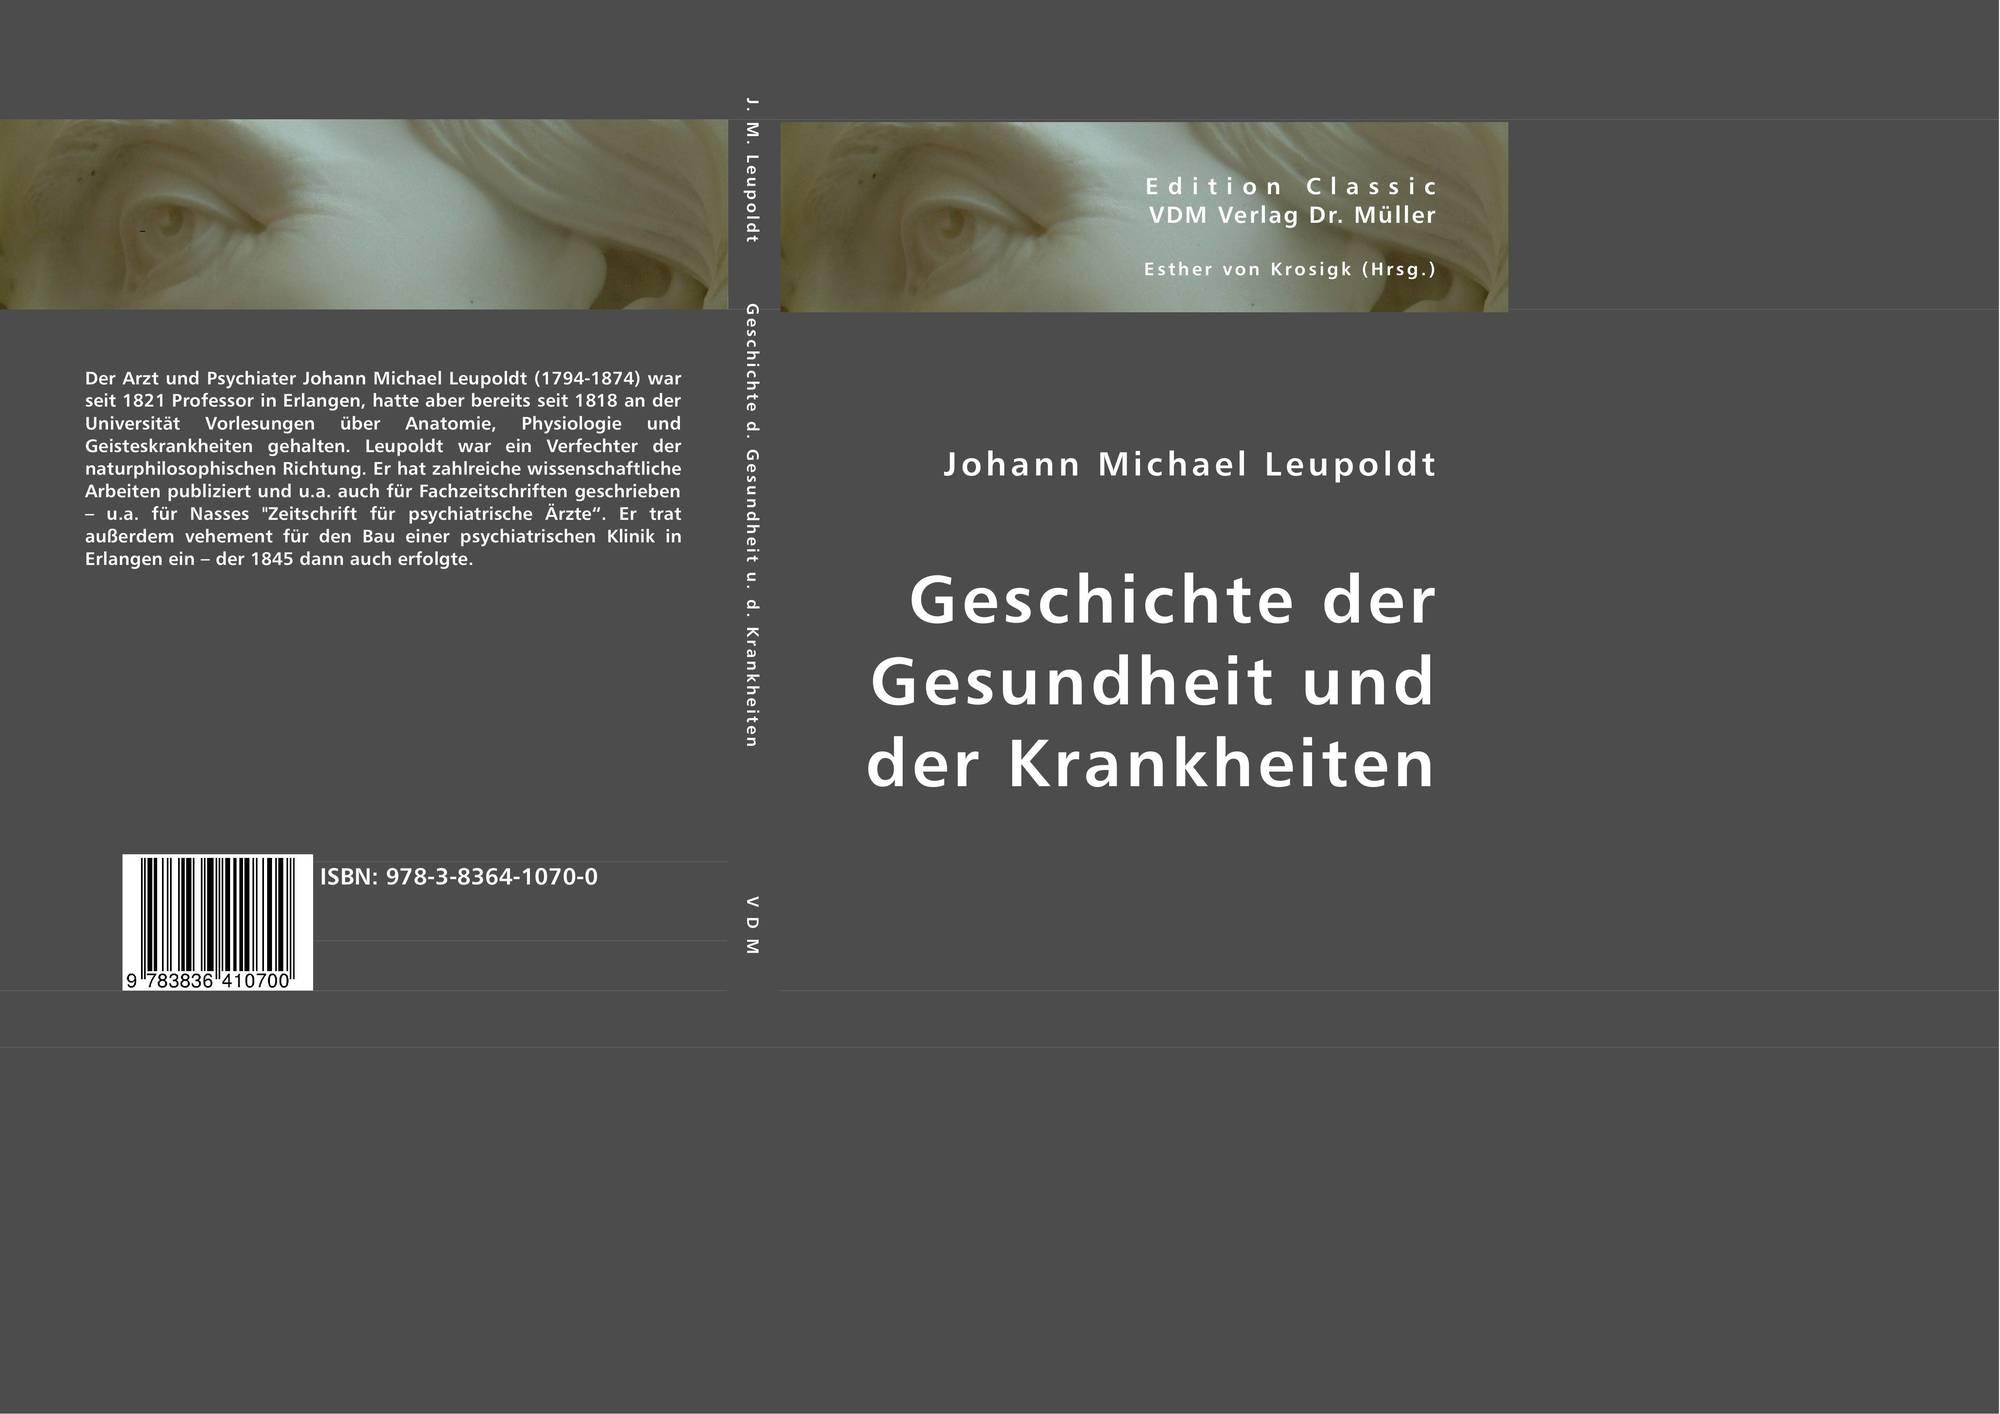 Schön Anatomie Und Physiologie In Pdf Gesundheit Und Krankheit Fotos ...